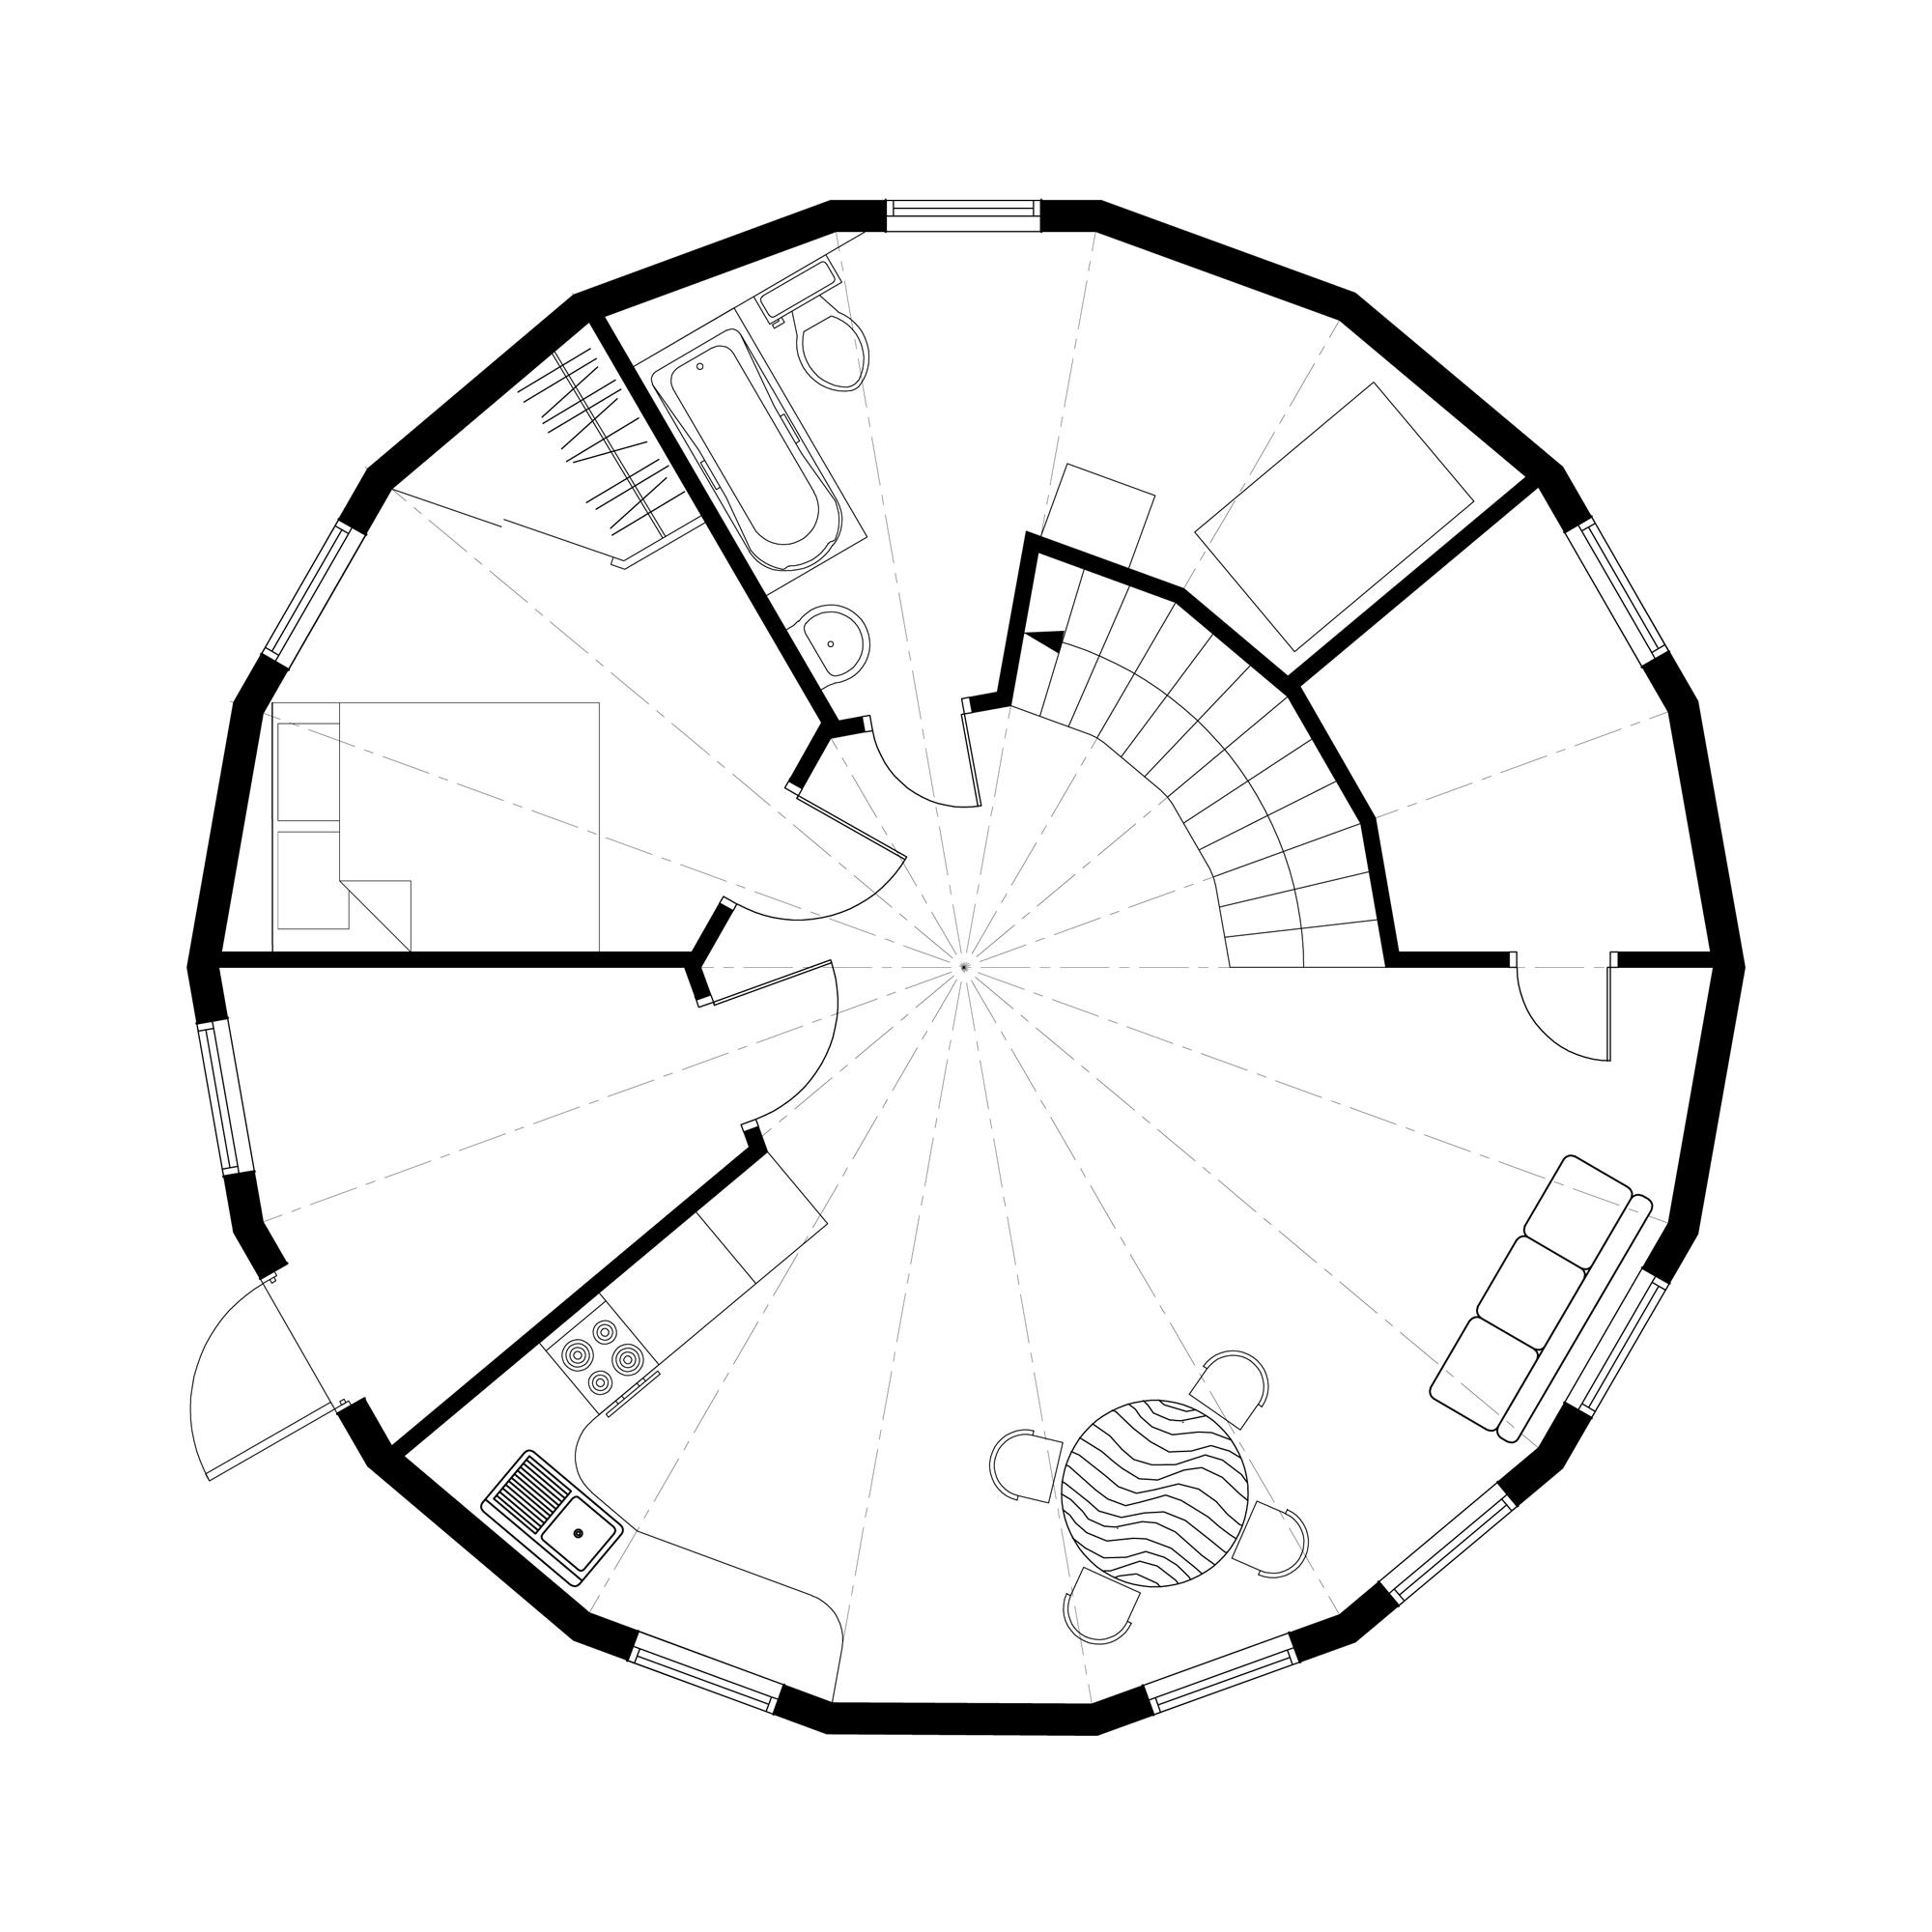 stroitelstvo-doma-sferi-v-permi-planirovka3.png - 389.18 kB